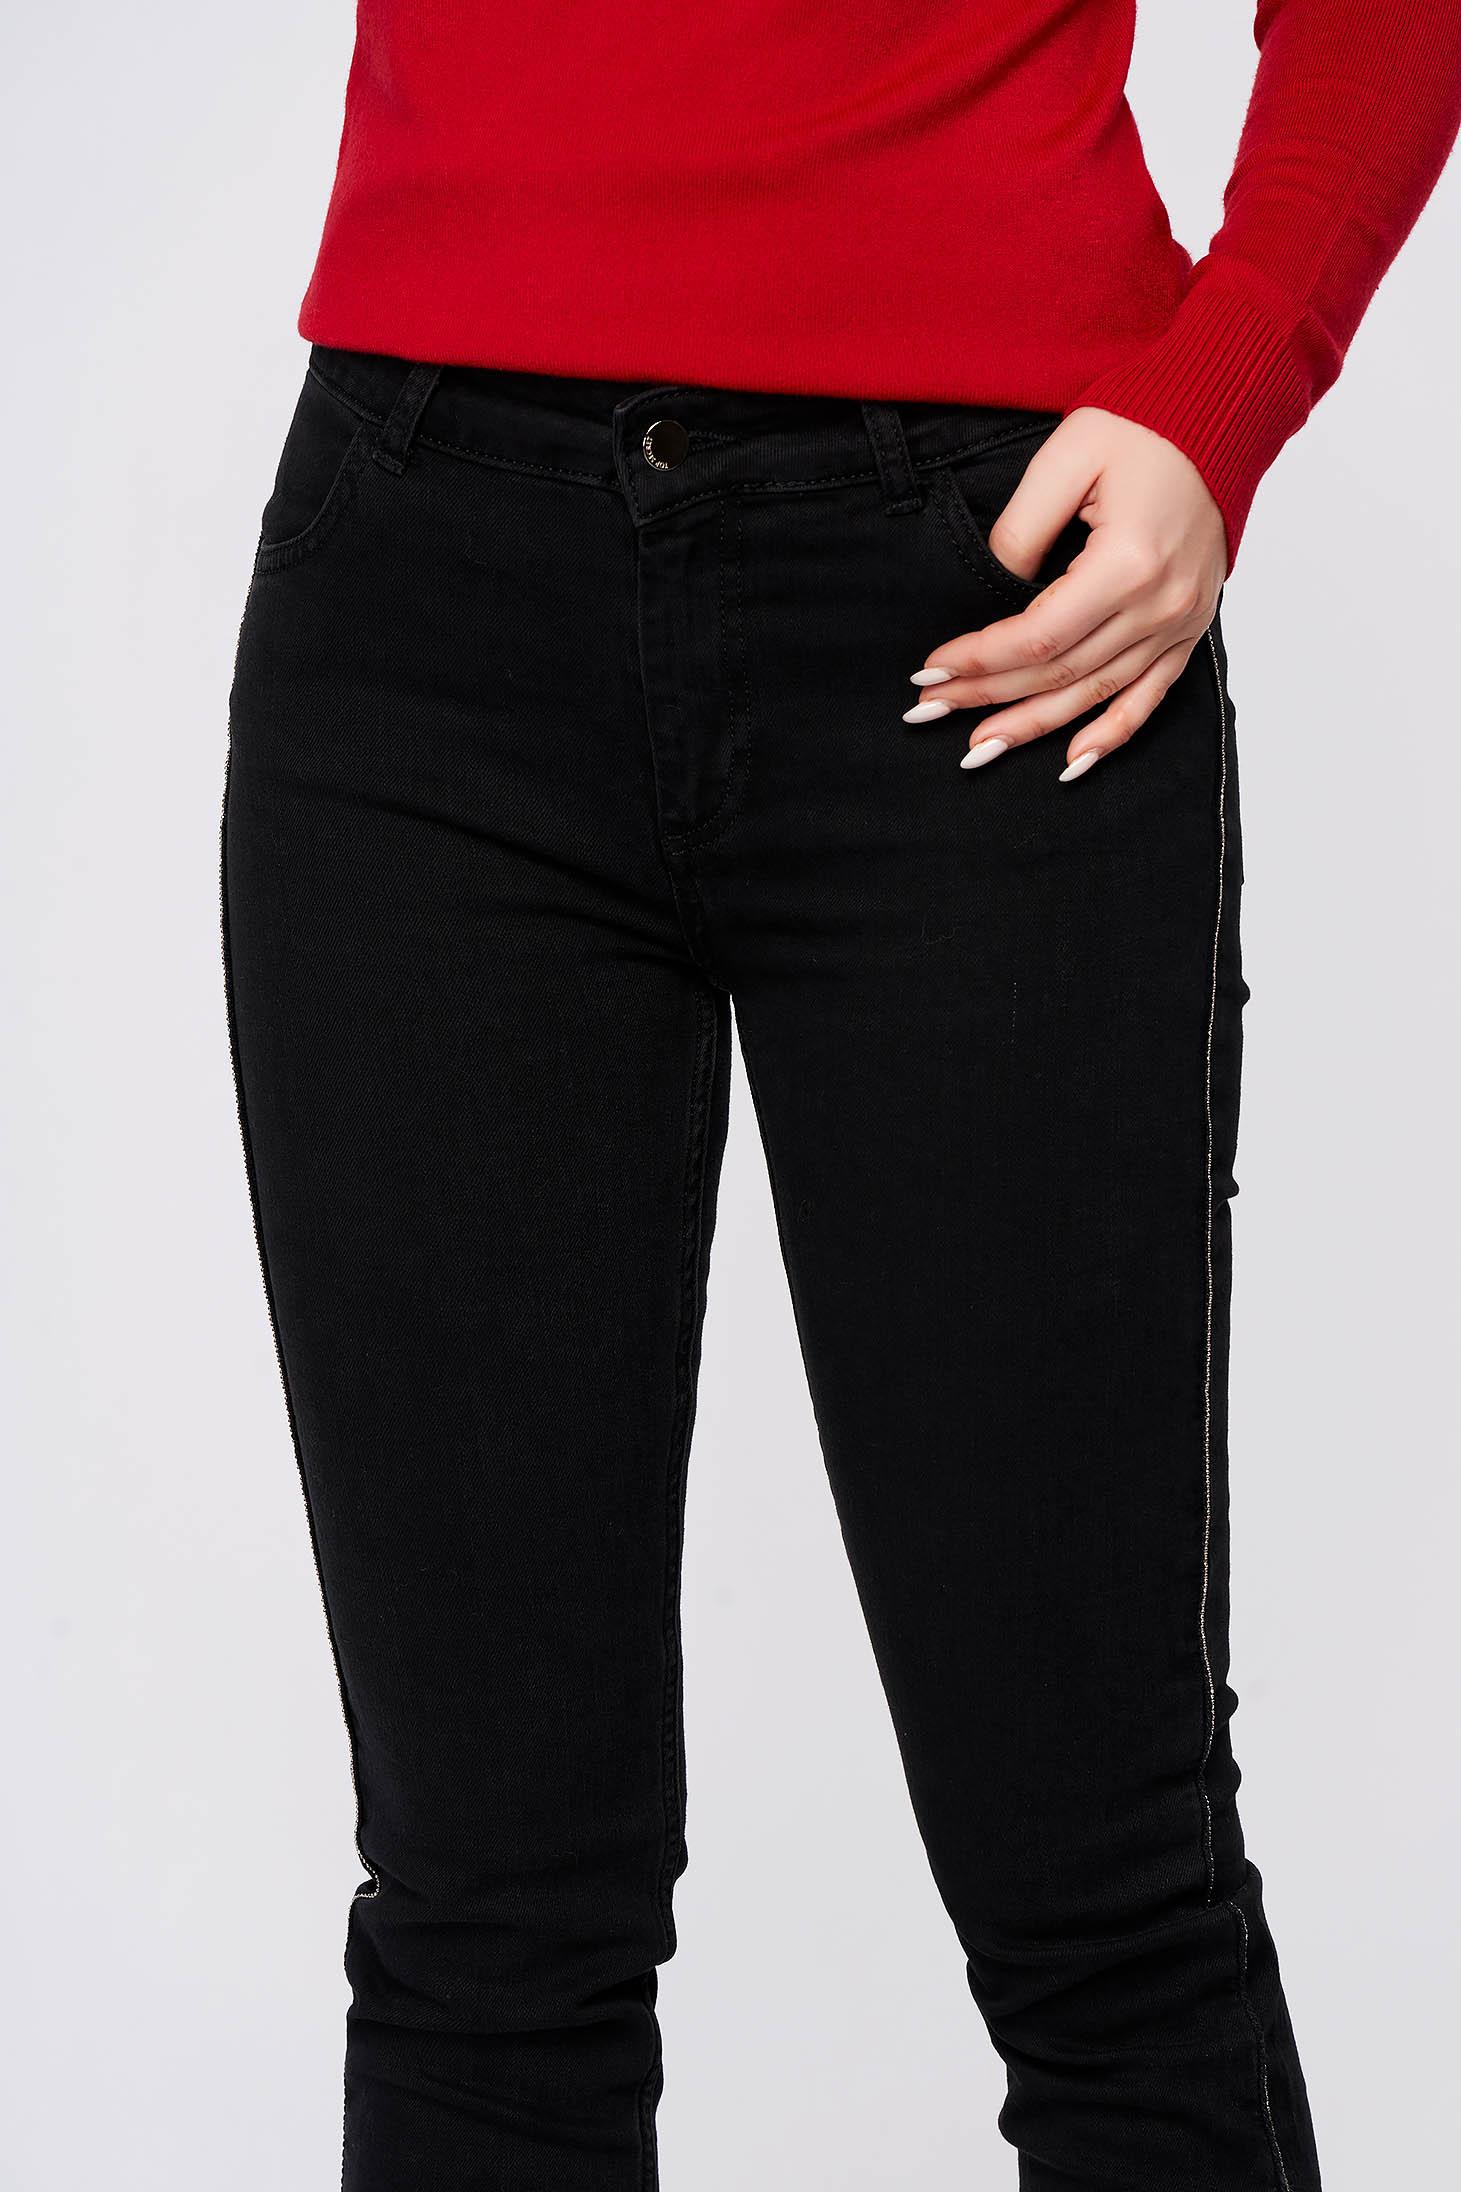 Fekete casual nadrág enyhén elasztikus pamutból